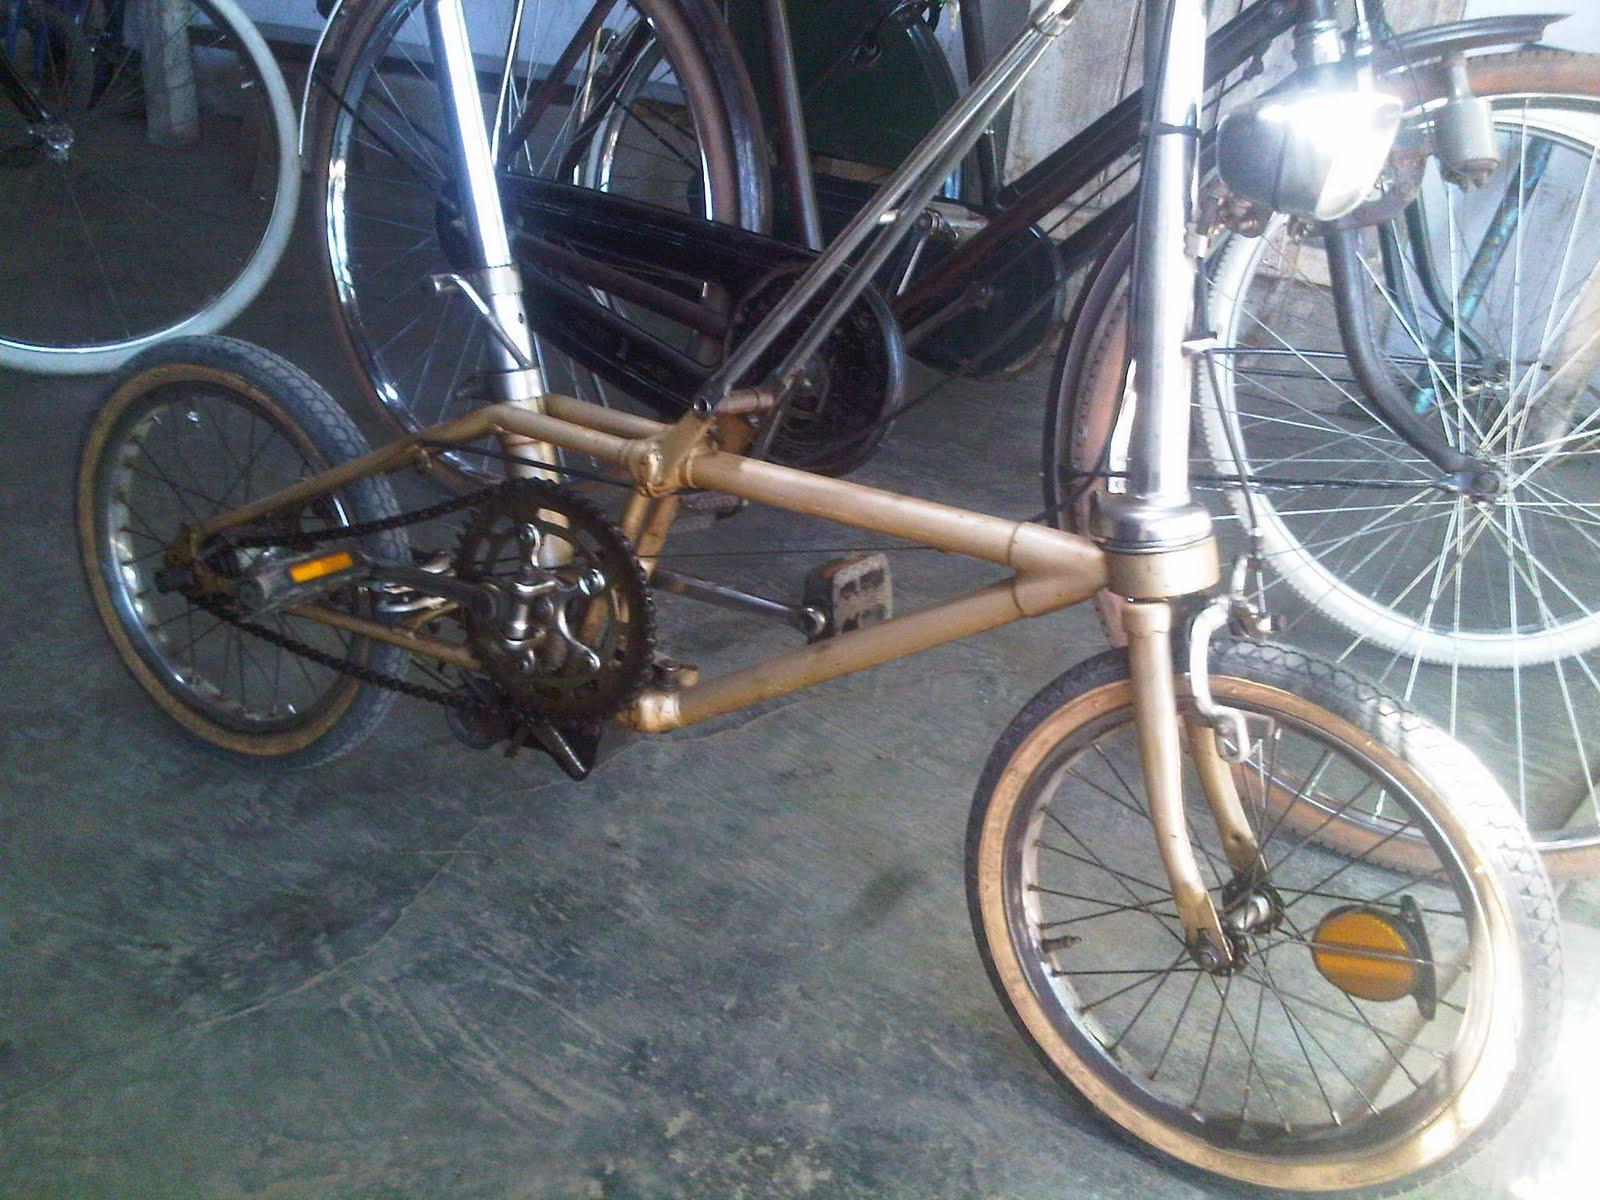 PITRONGSOK: Dijual Sepeda Lipat Dahon (Second)